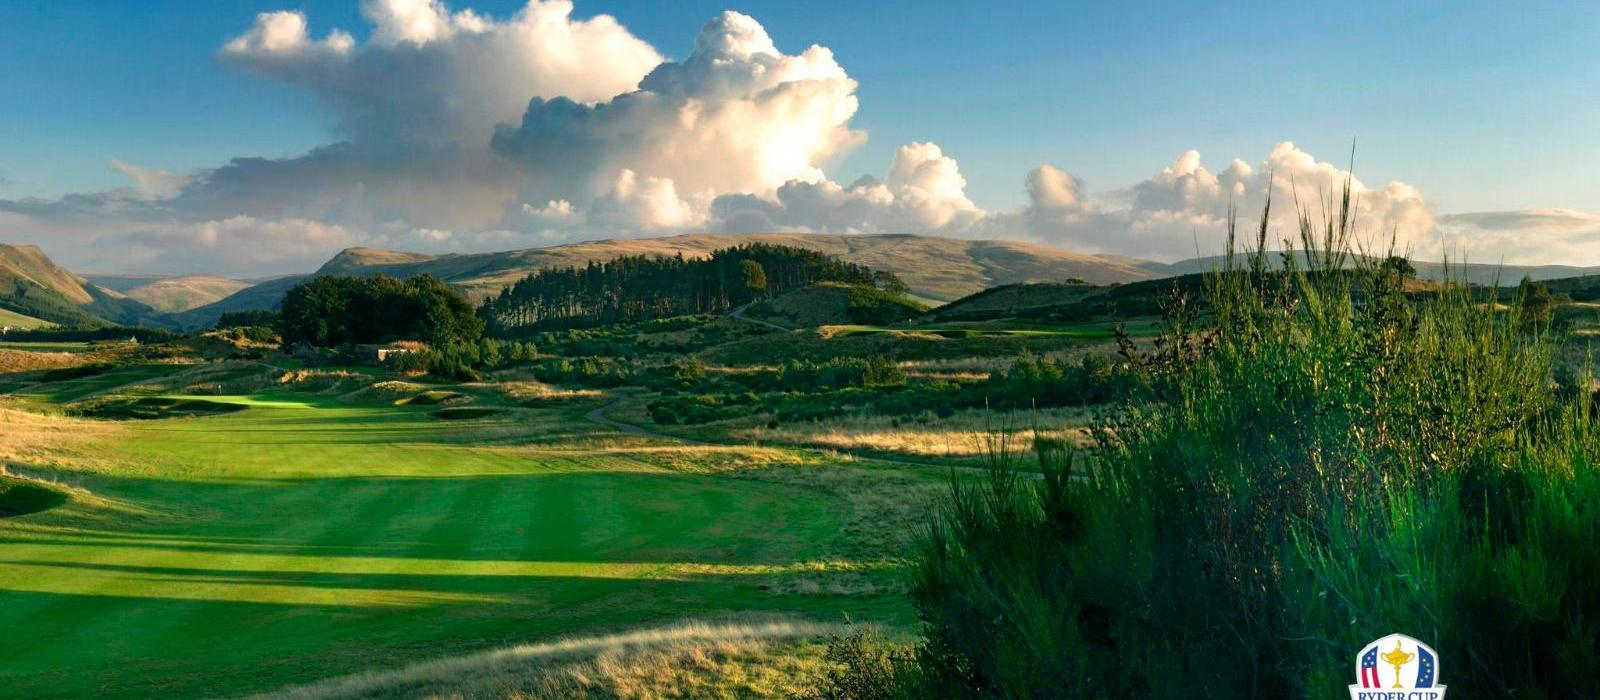 格伦伊格尔斯度假酒店(The Gleneagles Hotel) PGA百年球场,2014年莱德杯场地图片  www.lhw.cn